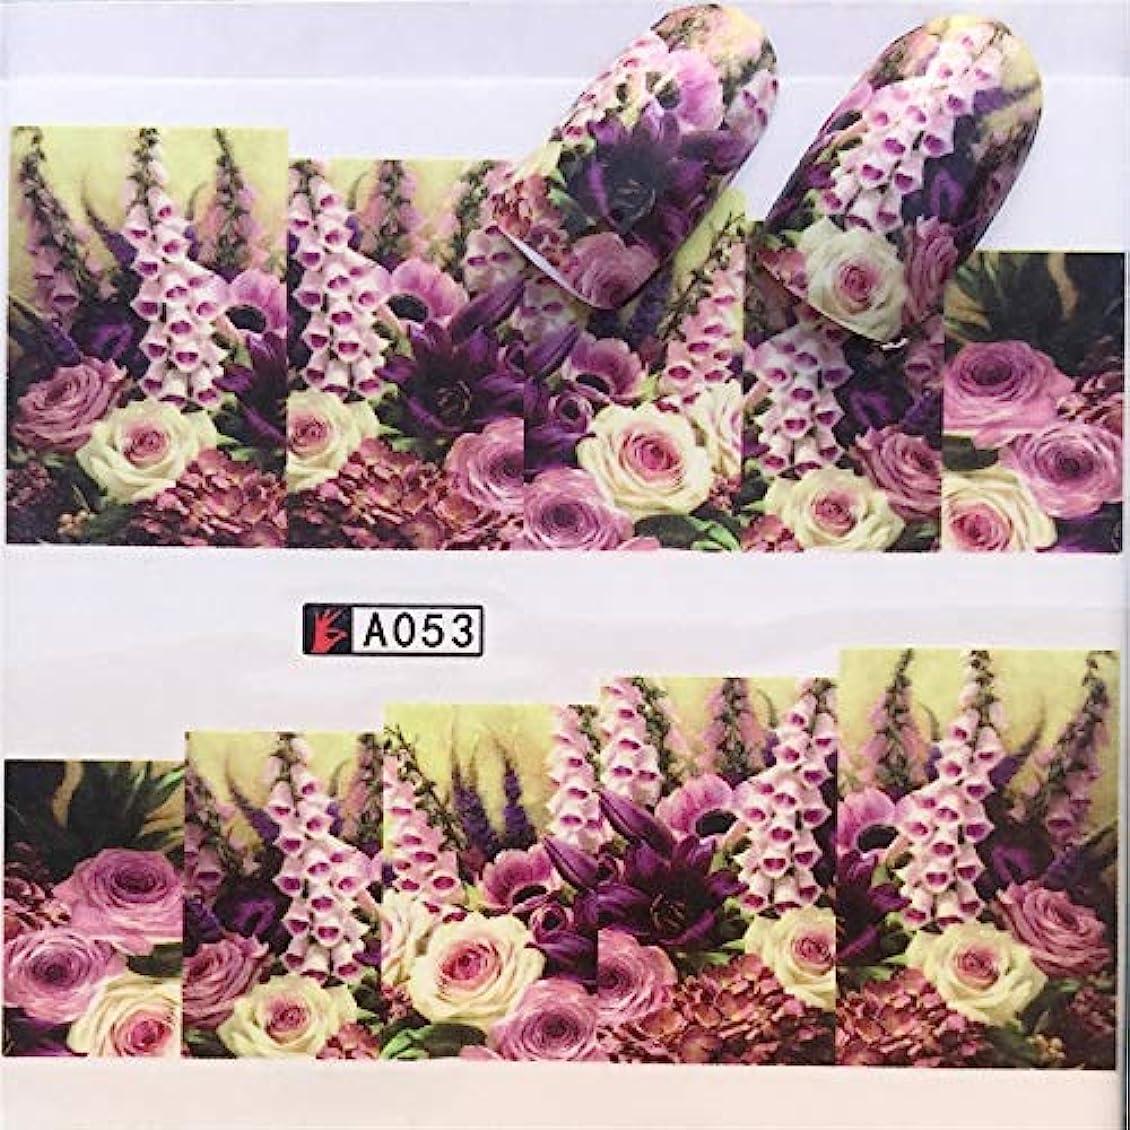 お別れ誠実さ調停するYan 3個ネイルステッカーセットデカール水転写スライダーネイルアートデコレーション、色:YZWA053